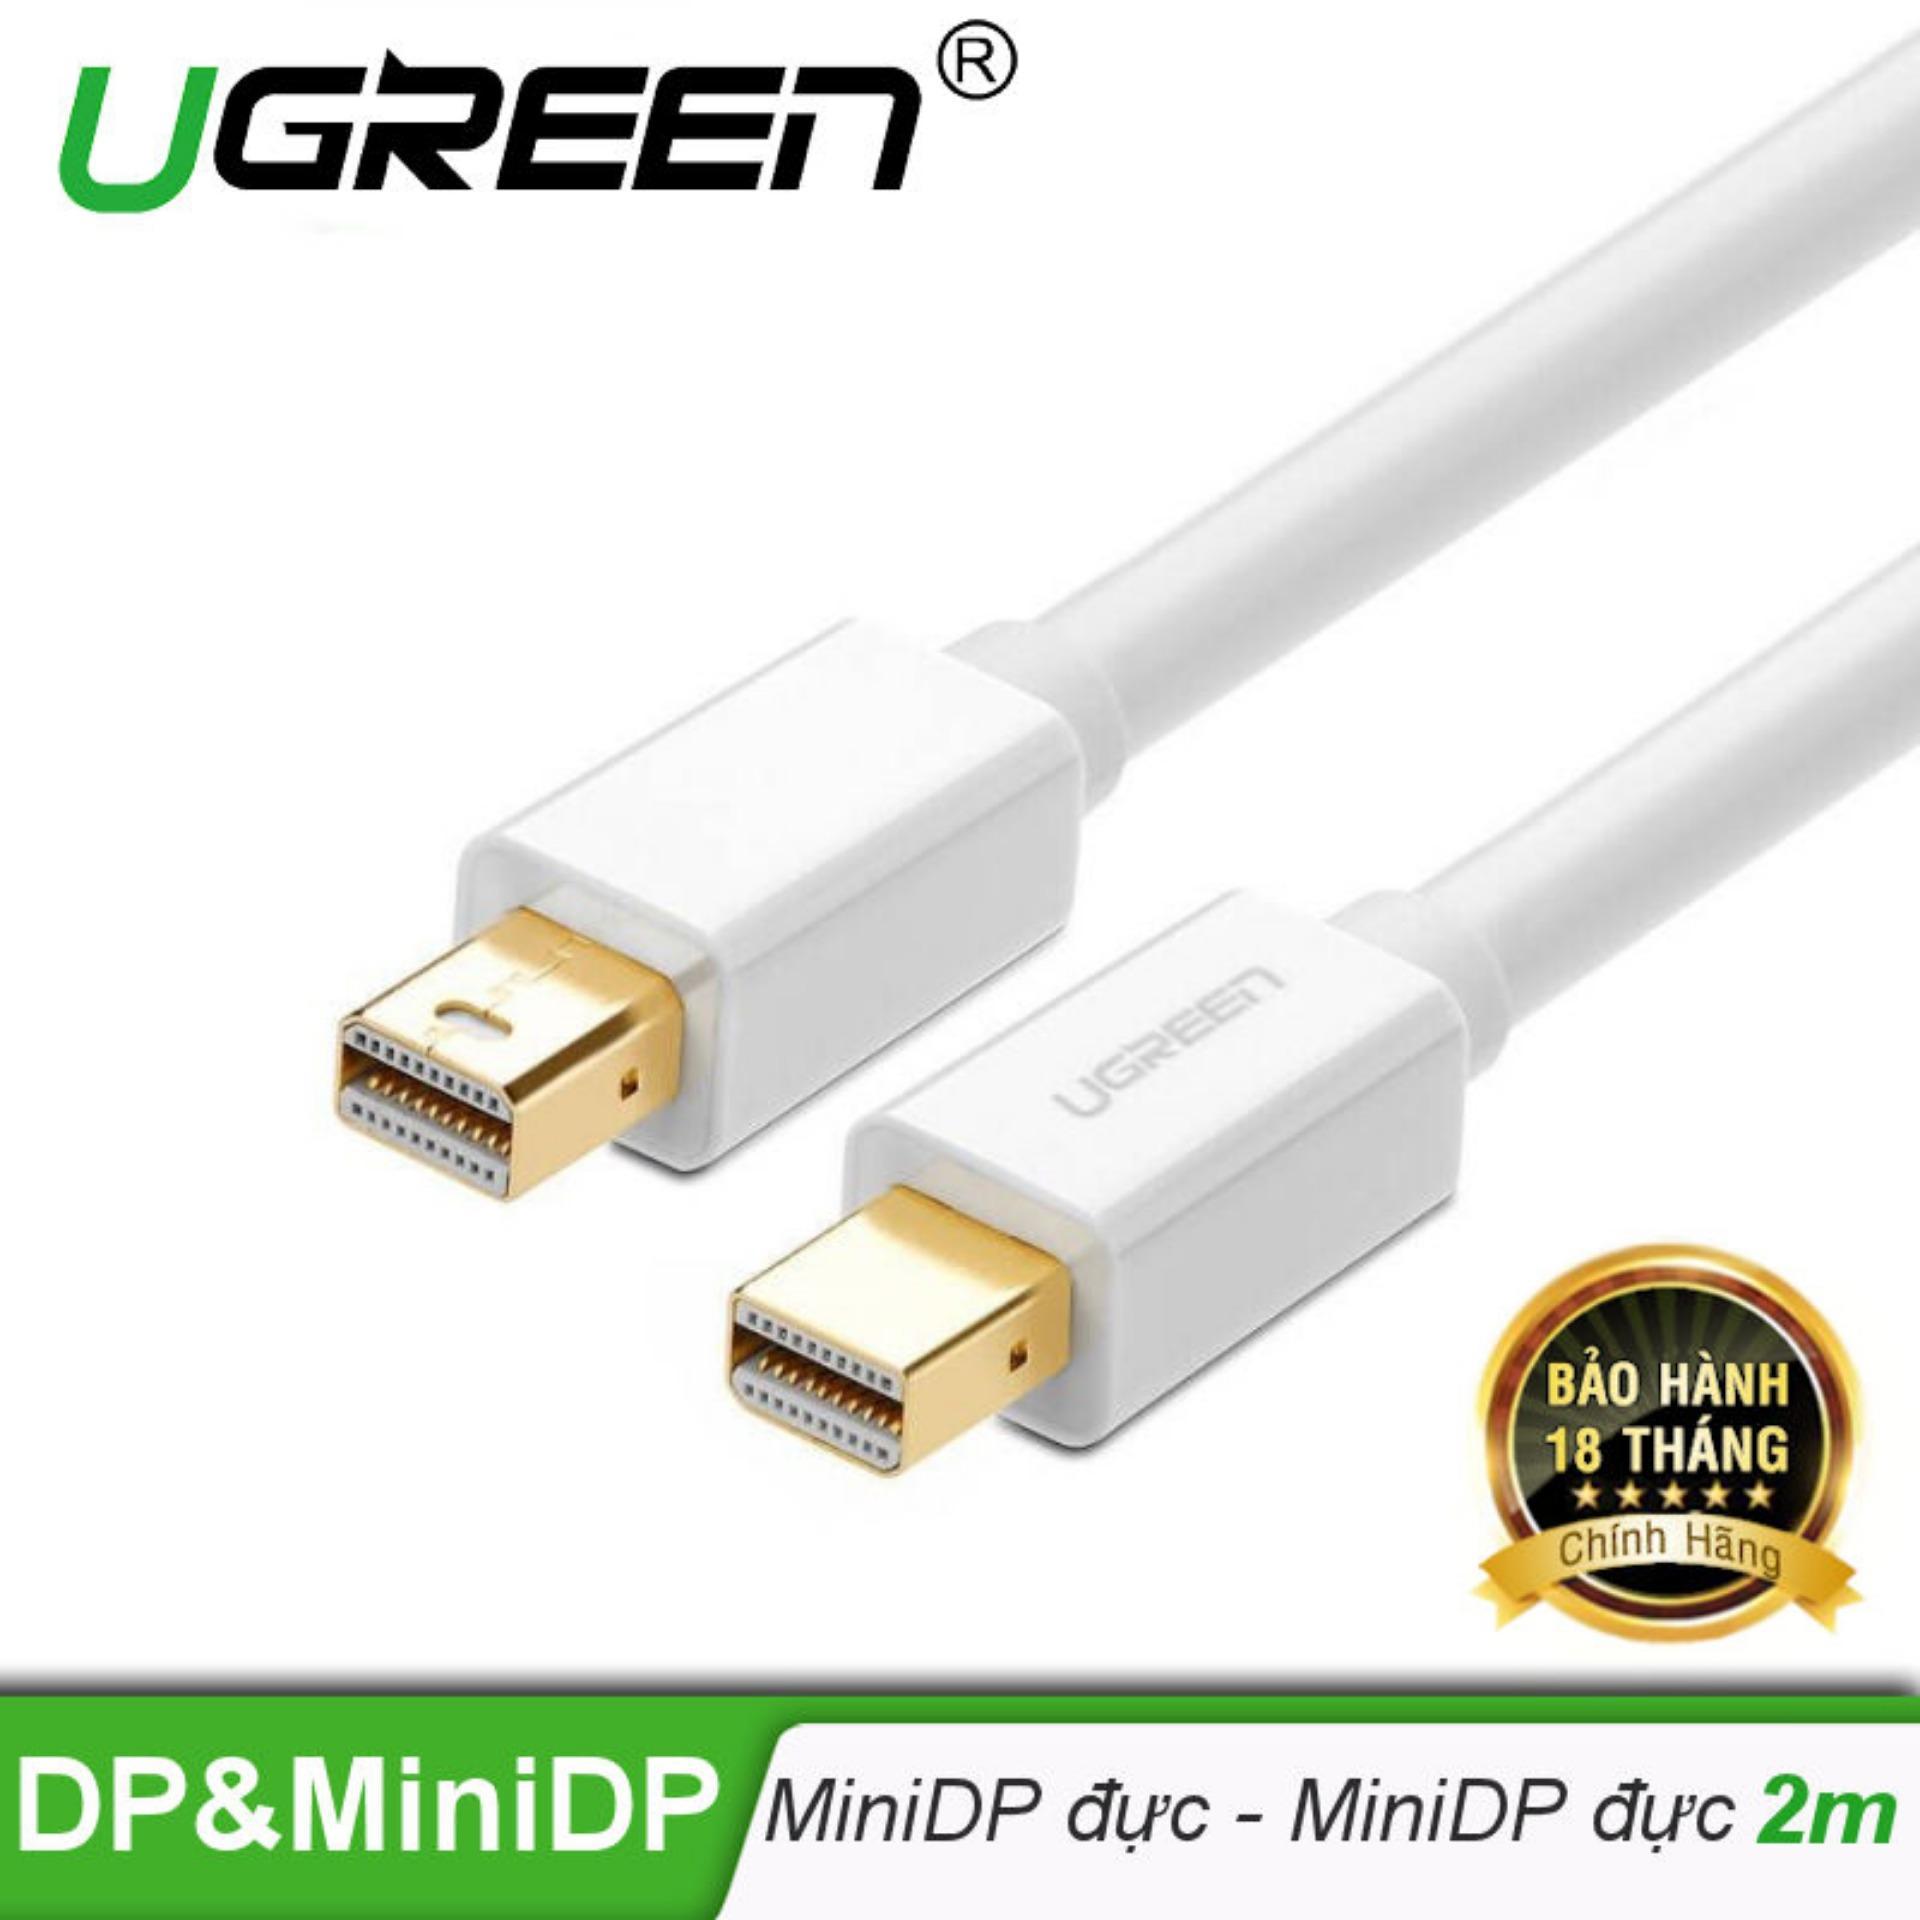 Dây cáp chuyển đổi mini DisplayPort đực sang mini DisplayPort đực dài 2M UGREEN MD111 10429 – Hãng phân phối chính thức